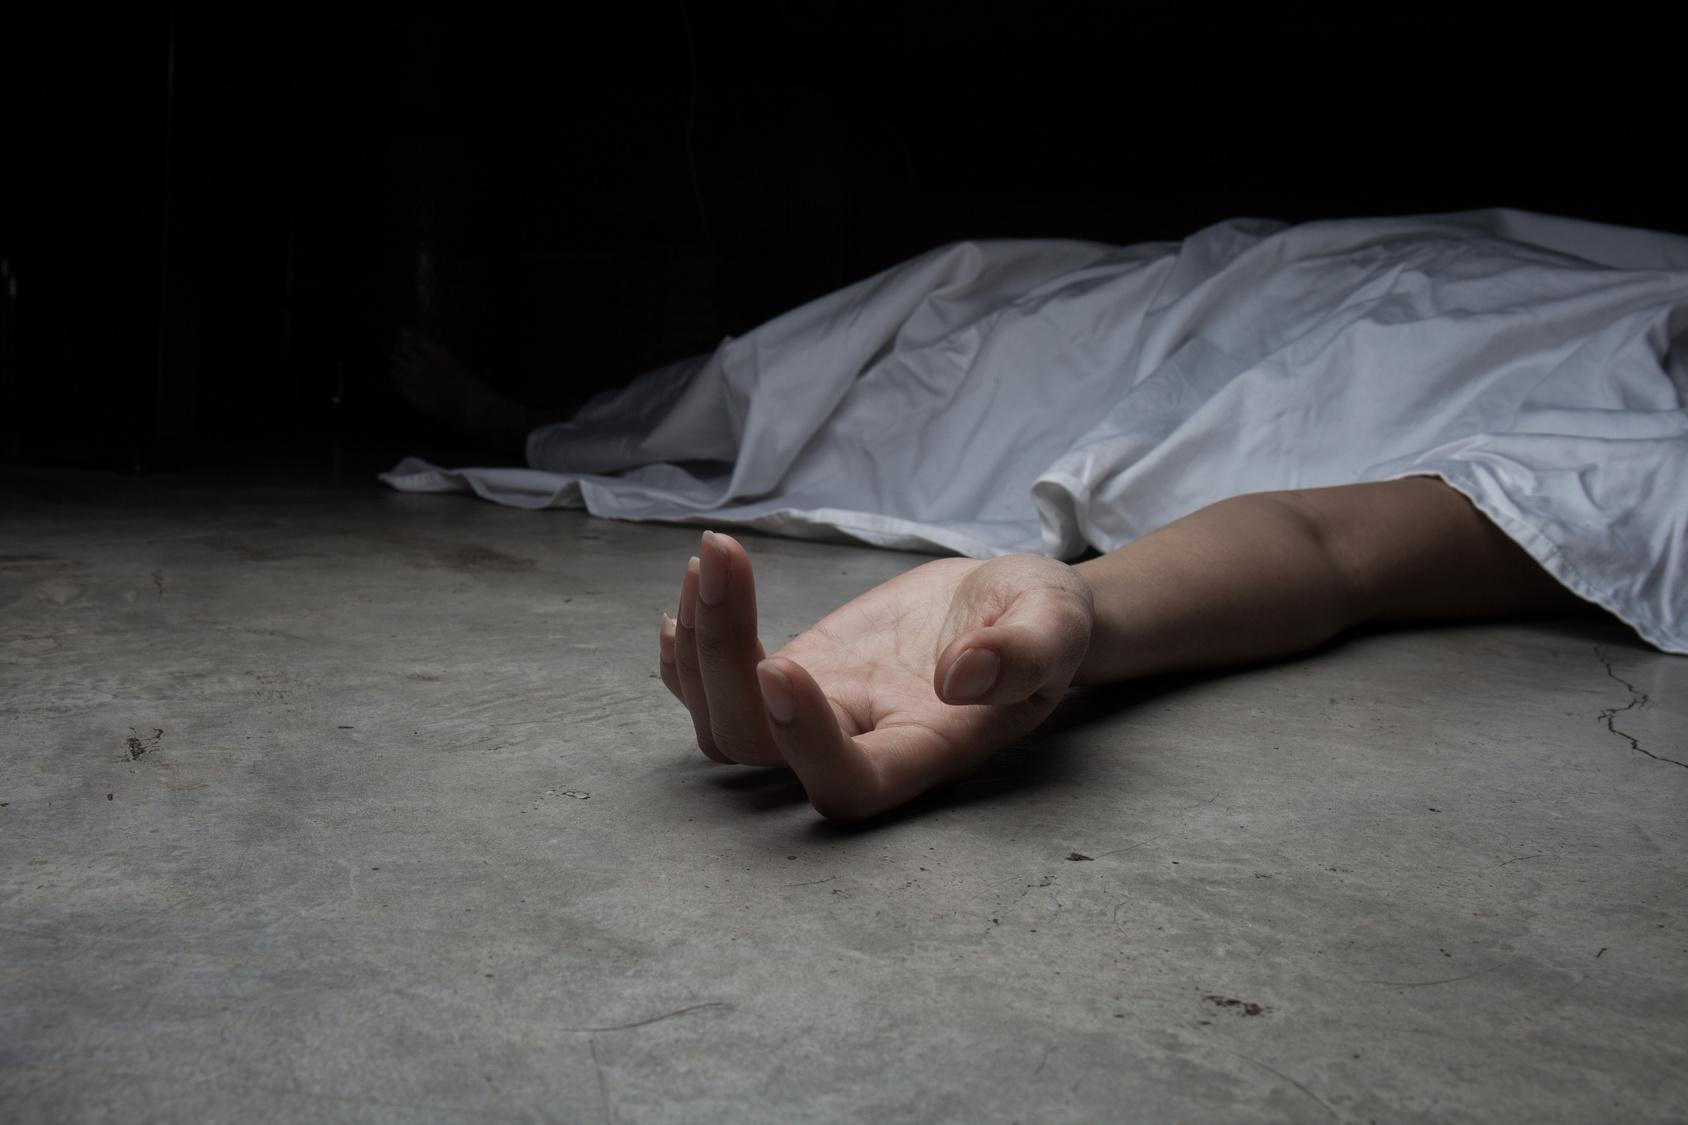 Sie trieb ihren Freund in den Selbstmord - 15 Monate Haft